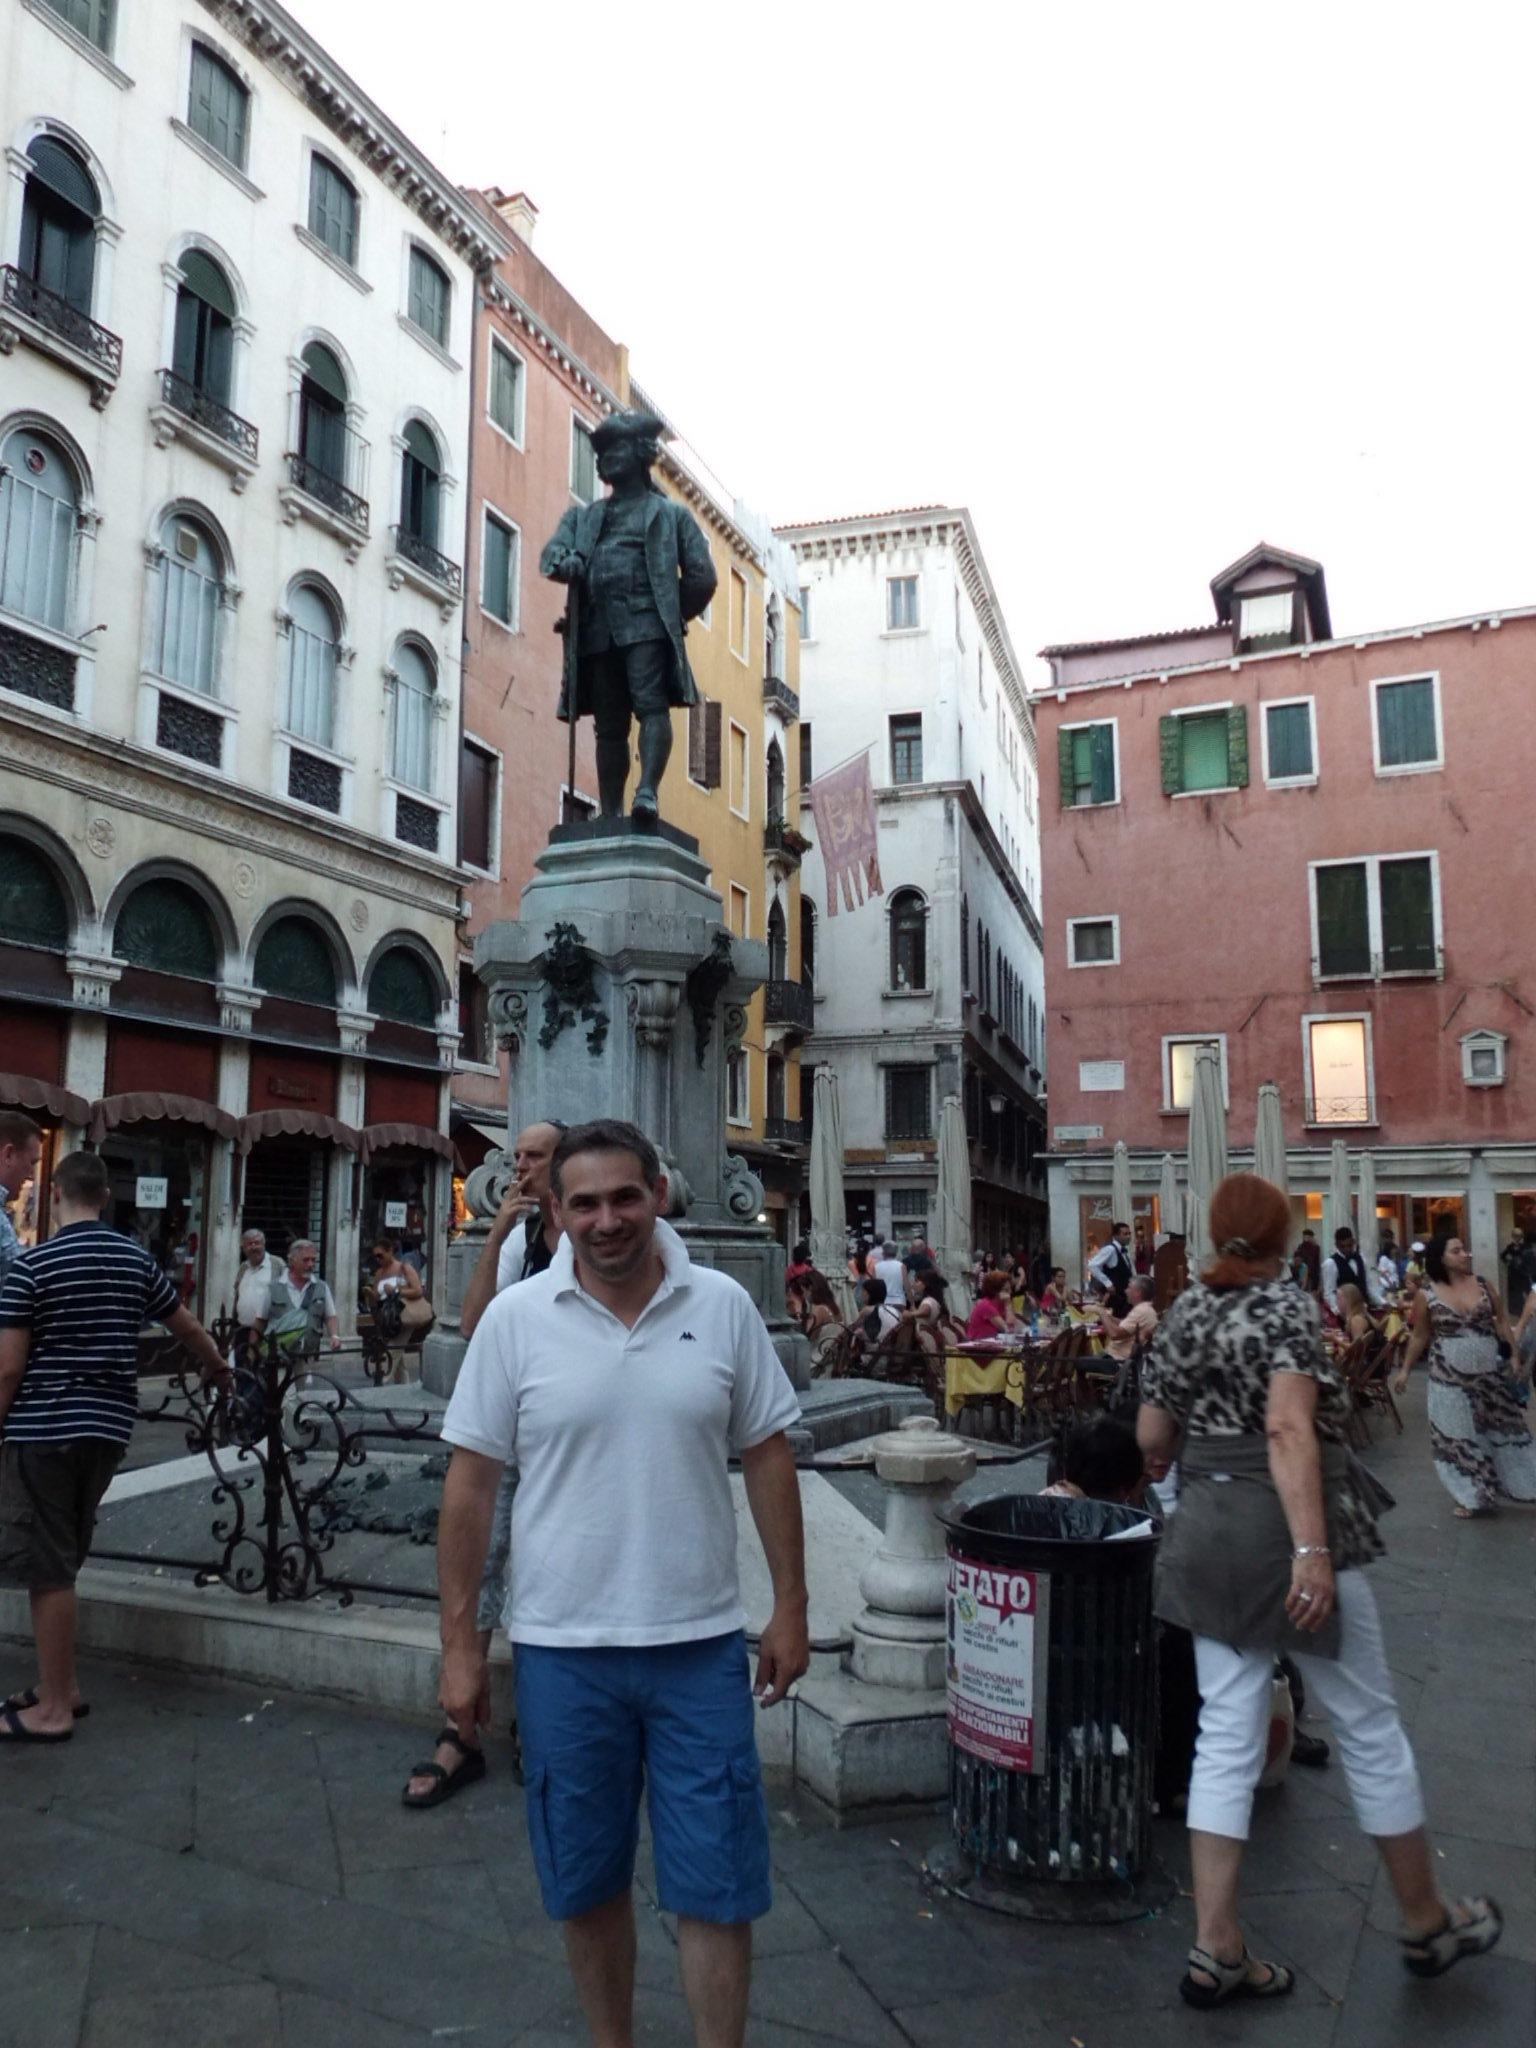 ヴェネチアのホテル2012_b0305039_01501756.jpg